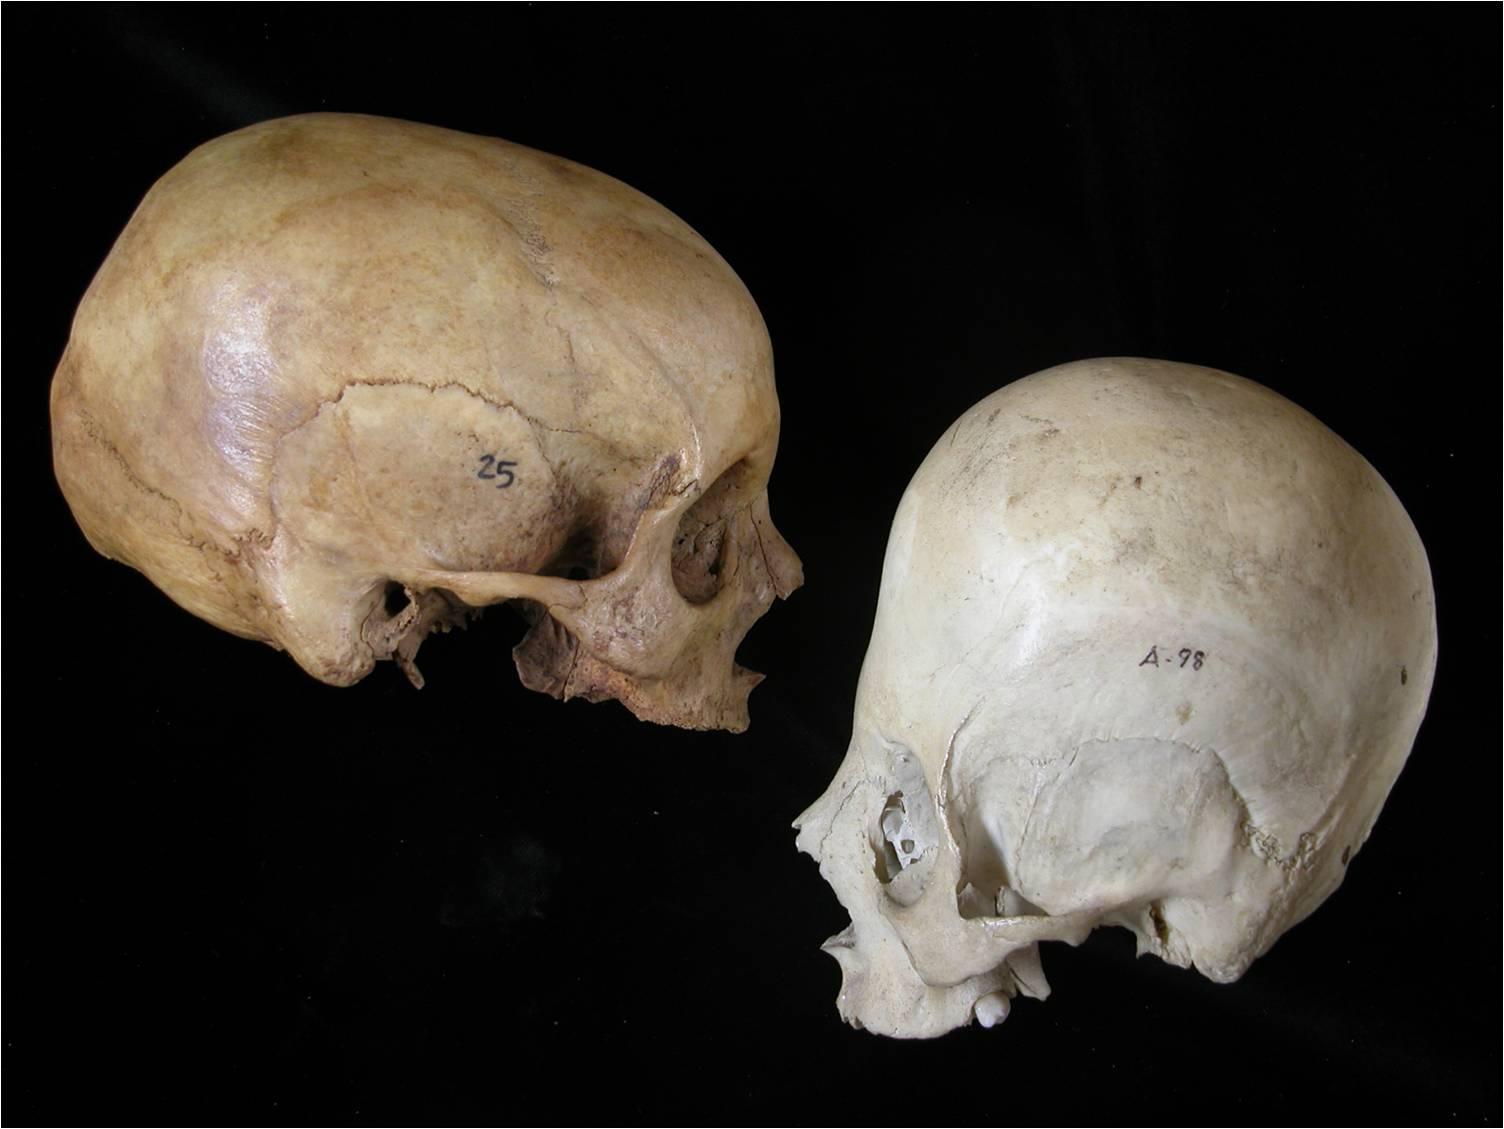 Análisis y evolución de las enfermedades a través de los huesos ...